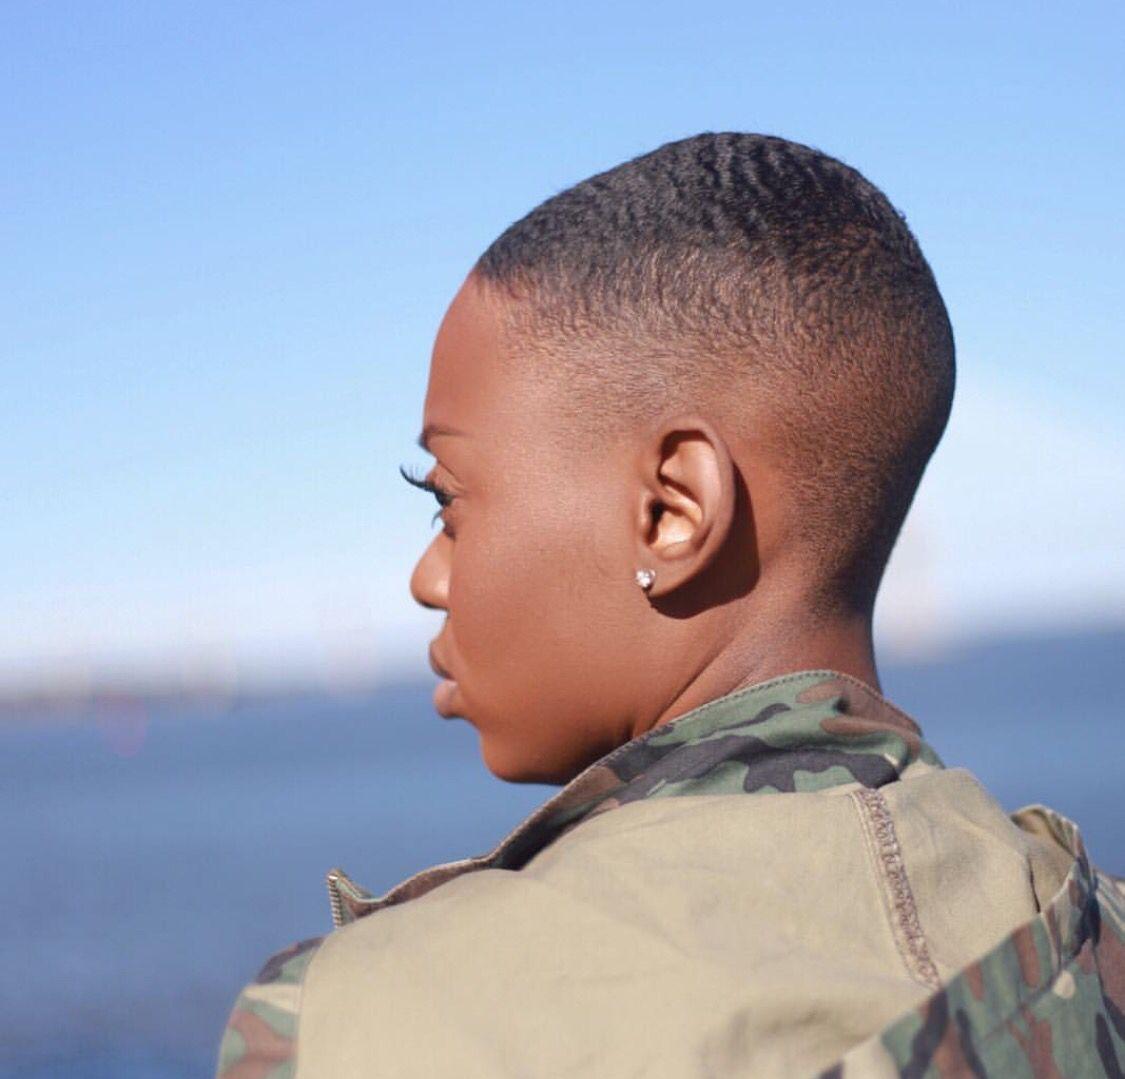 Double side haircut for boys tish lanier tishlanier on pinterest